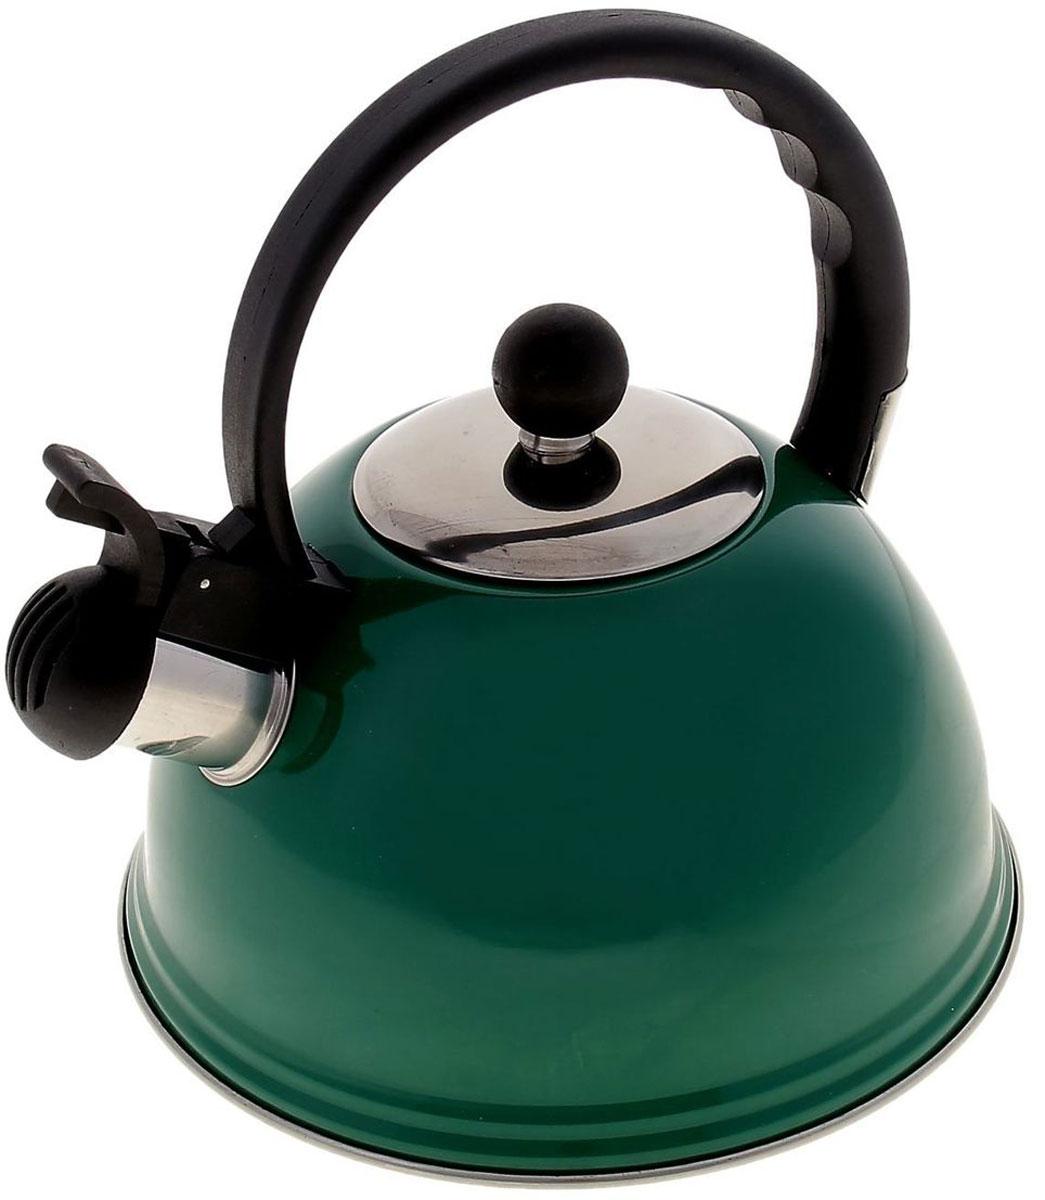 Чайник Доляна Элит, со свистком, цвет: зеленый, черный, 2 л851950Чайник Доляна Элит выполнен из высококачественной нержавеющей стали. Материал изделия отличается неприхотливостью в уходе, безукоризненной функциональностью, гигиеничностью и стойкостью к коррозии. Чайники из нержавеющей стали абсолютно безопасны для здоровья человека. Благодаря низкой теплопроводности и оптимальному соотношению дна и стенок вода дольше остается горячей, а качественное дно гарантирует быстрый нагрев. Чайник при кипячении сохраняет все полезные свойства воды. Чайник снабжен фиксированной пластиковой ручкой. Удобная ручка не нагревается, и поэтому вероятность ожогов сводится к минимуму. Свисток на носике чайника громко оповестит, когда закипела вода. Свисток открывается нажатием кнопки на рукоятке. Подходит для газовых, электрических, стеклокерамических, галогеновых, индукционных плит. Рекомендуется ручная мойка.